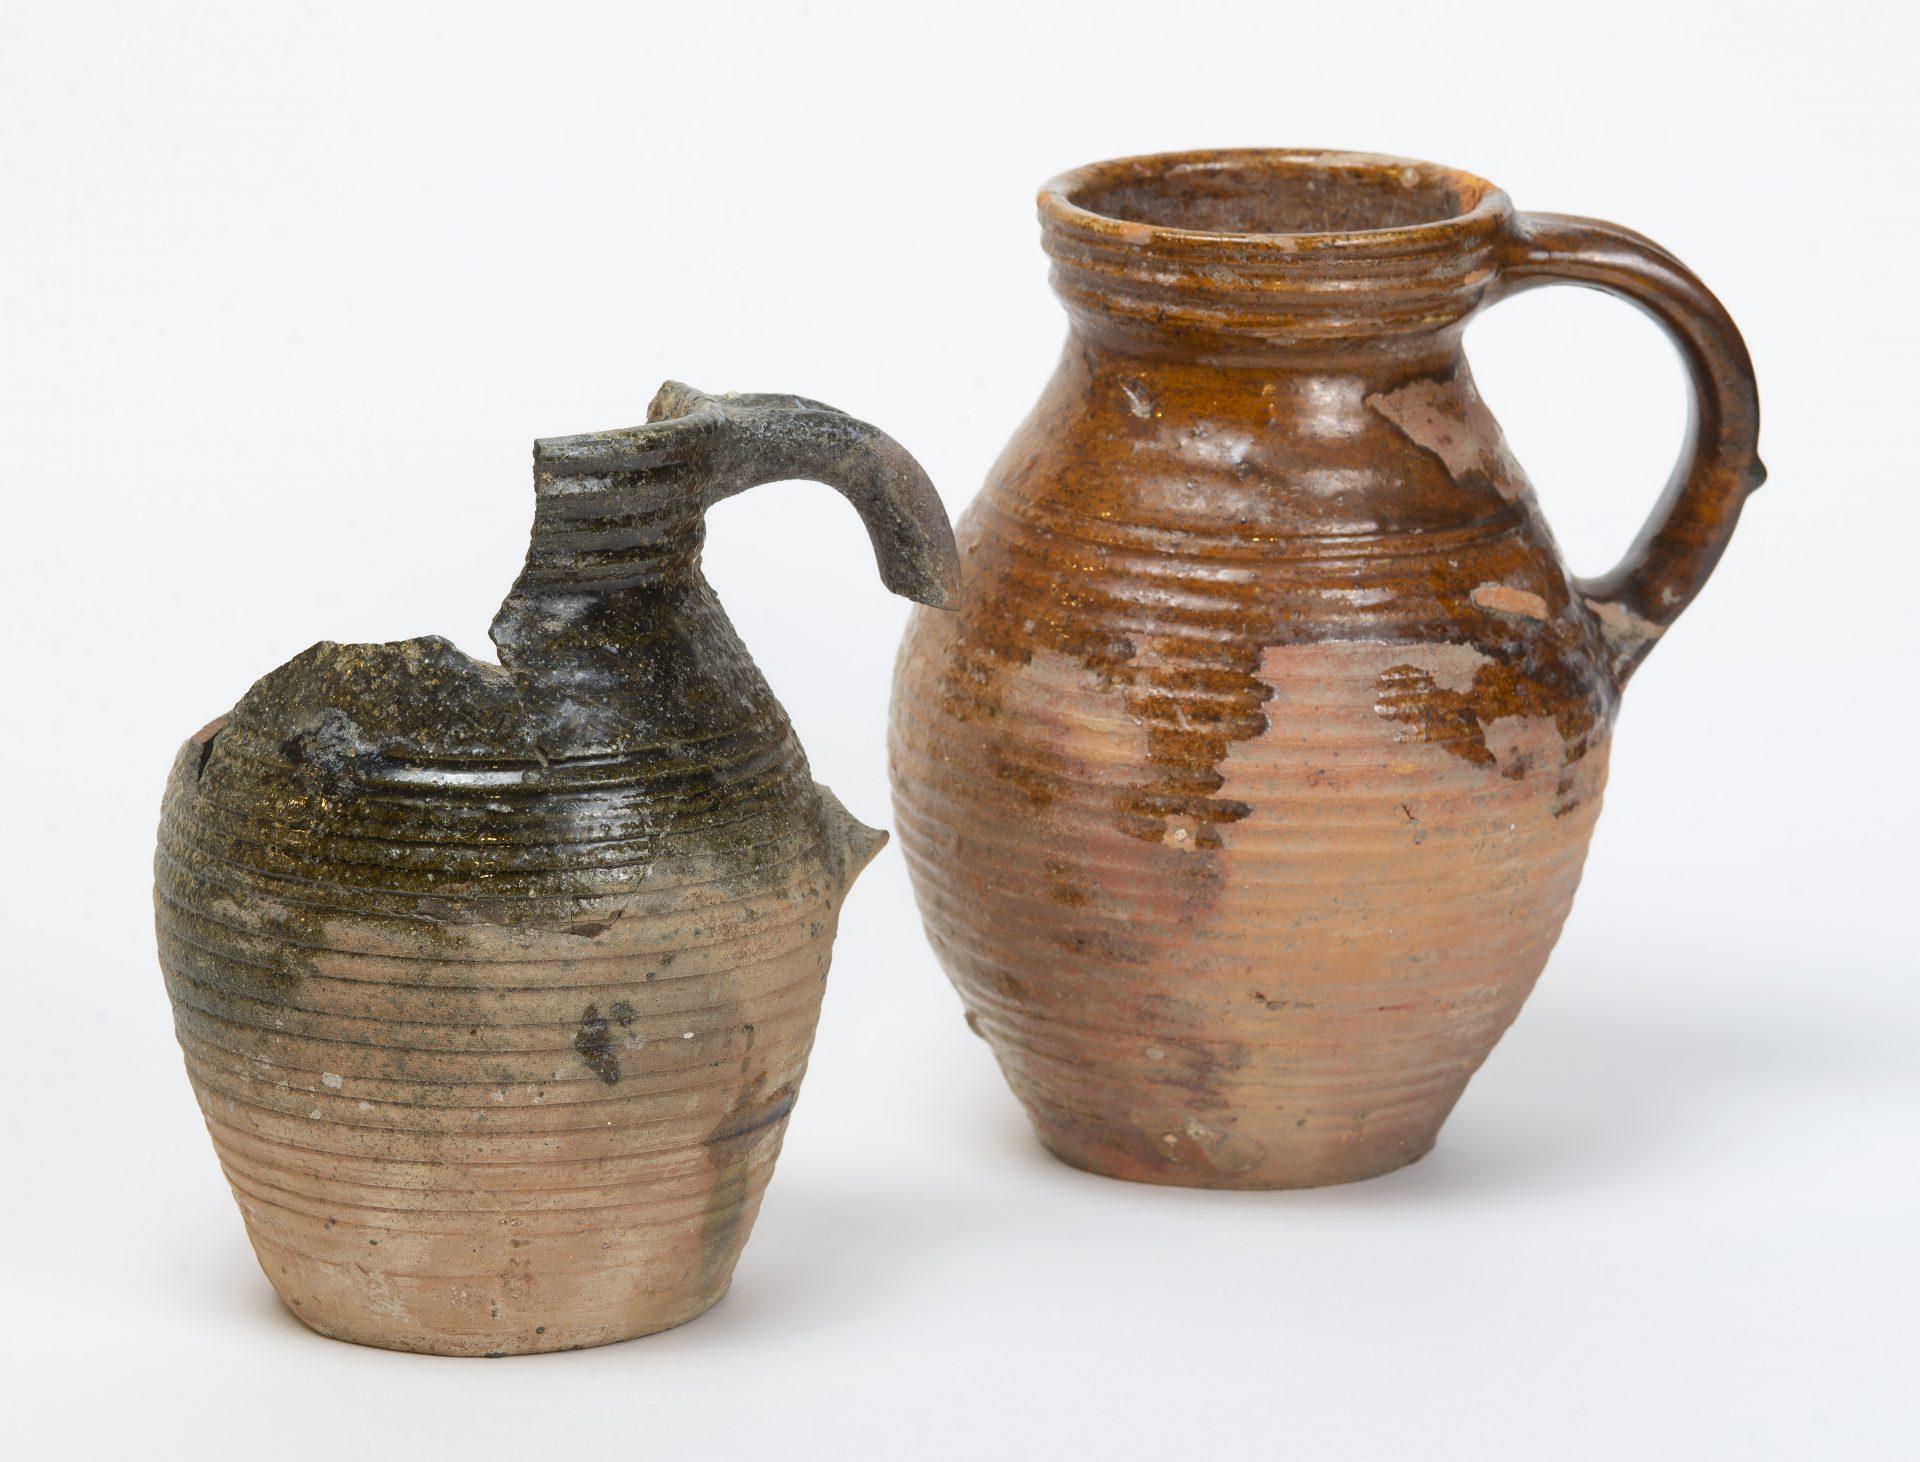 Två keramikkannor, en är trasig med svart glasyr. Den andra är hel och har brun glasyr.